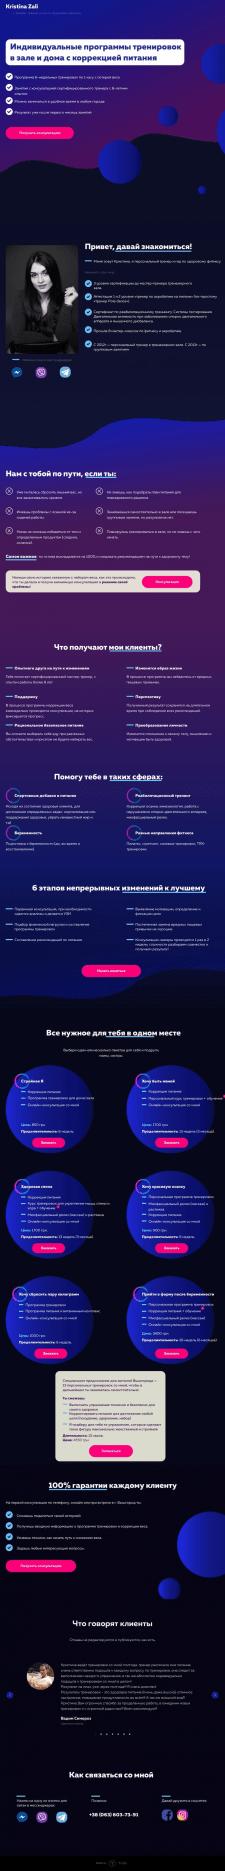 Упаковка проекта и разработка сайта онлайн-тренера